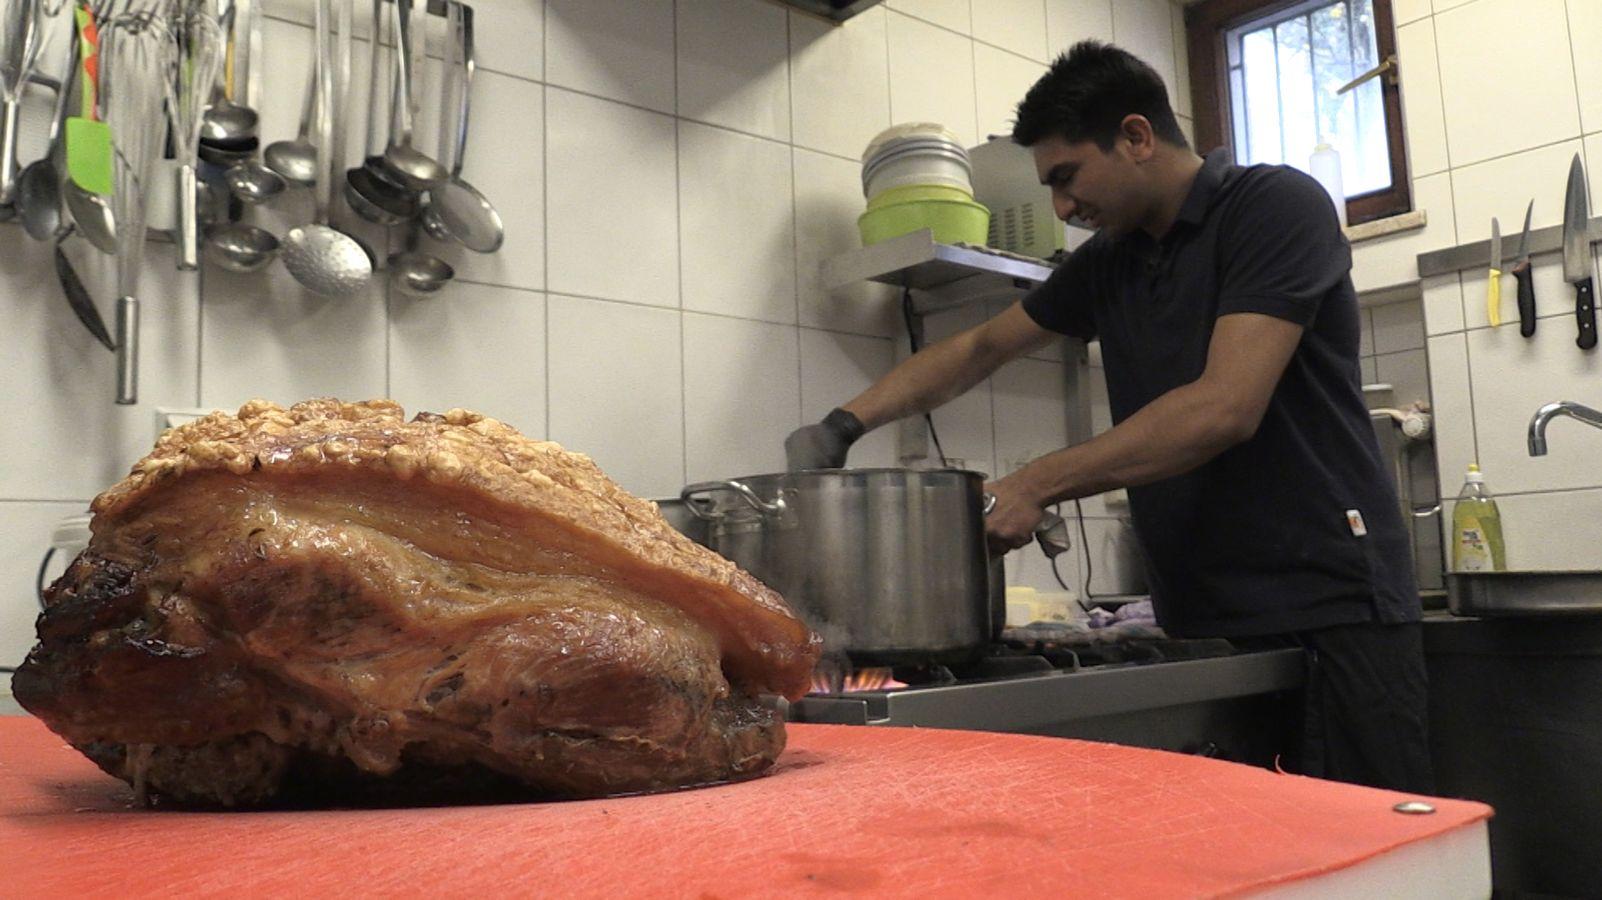 Wirt fürchtet um Betrieb, weil Koch abgeschoben werden soll